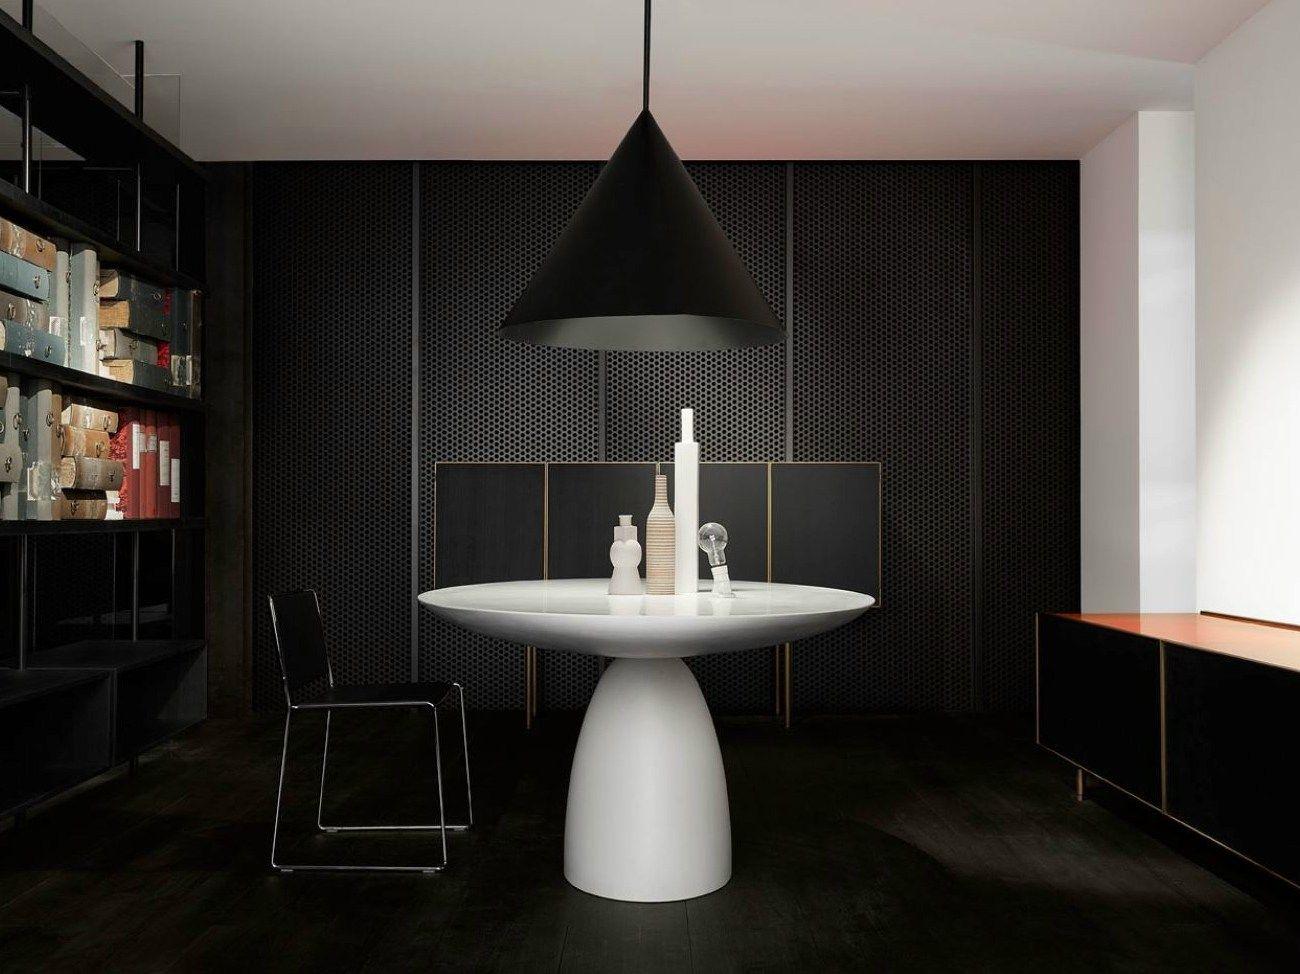 Legno tattilit e uso strutturale del colore - Ar tre cucine opinioni ...